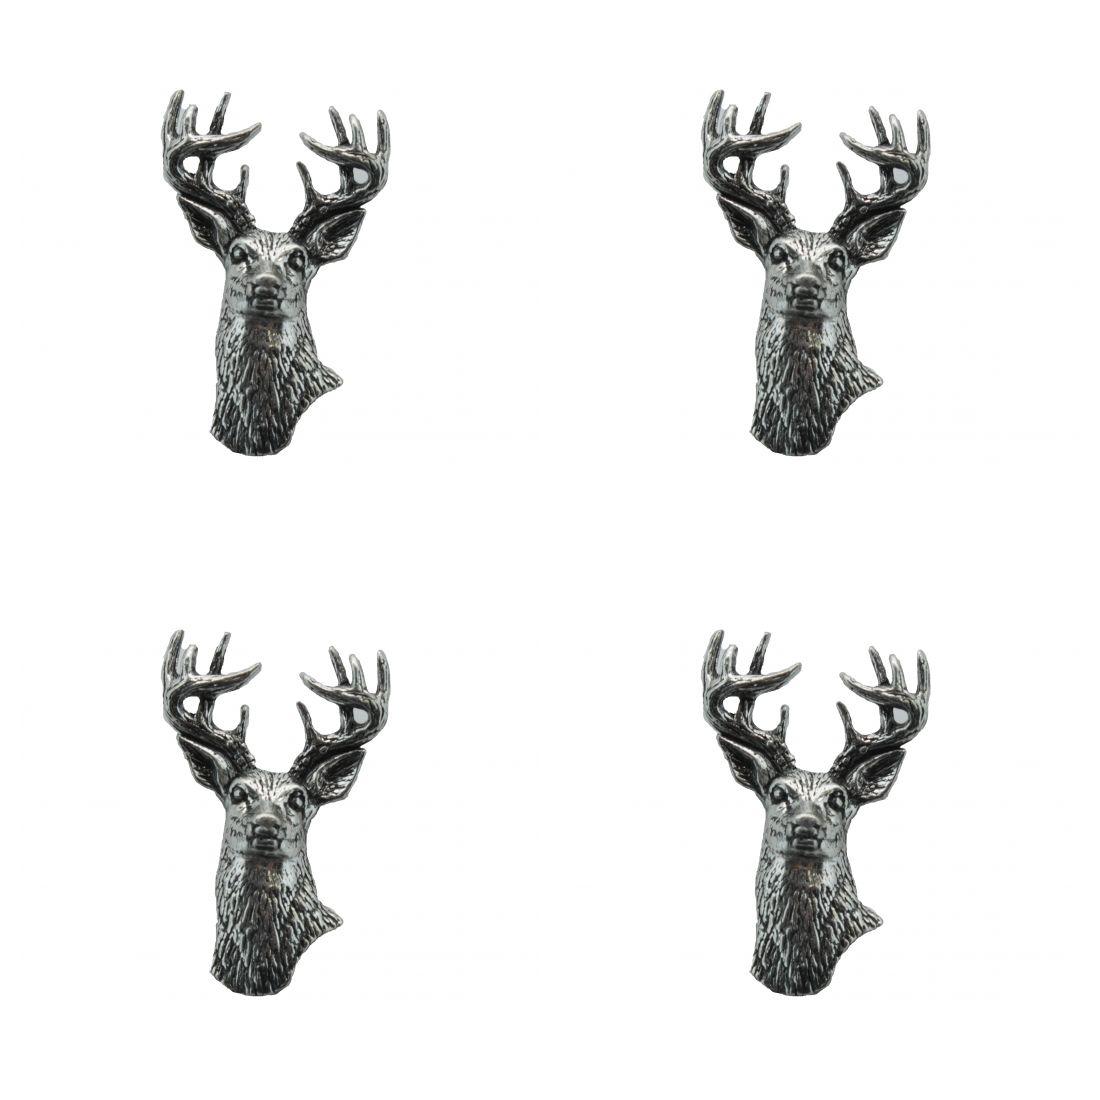 4x Pin Anstecker Badge Damhirsch, 2,1x3,4cm